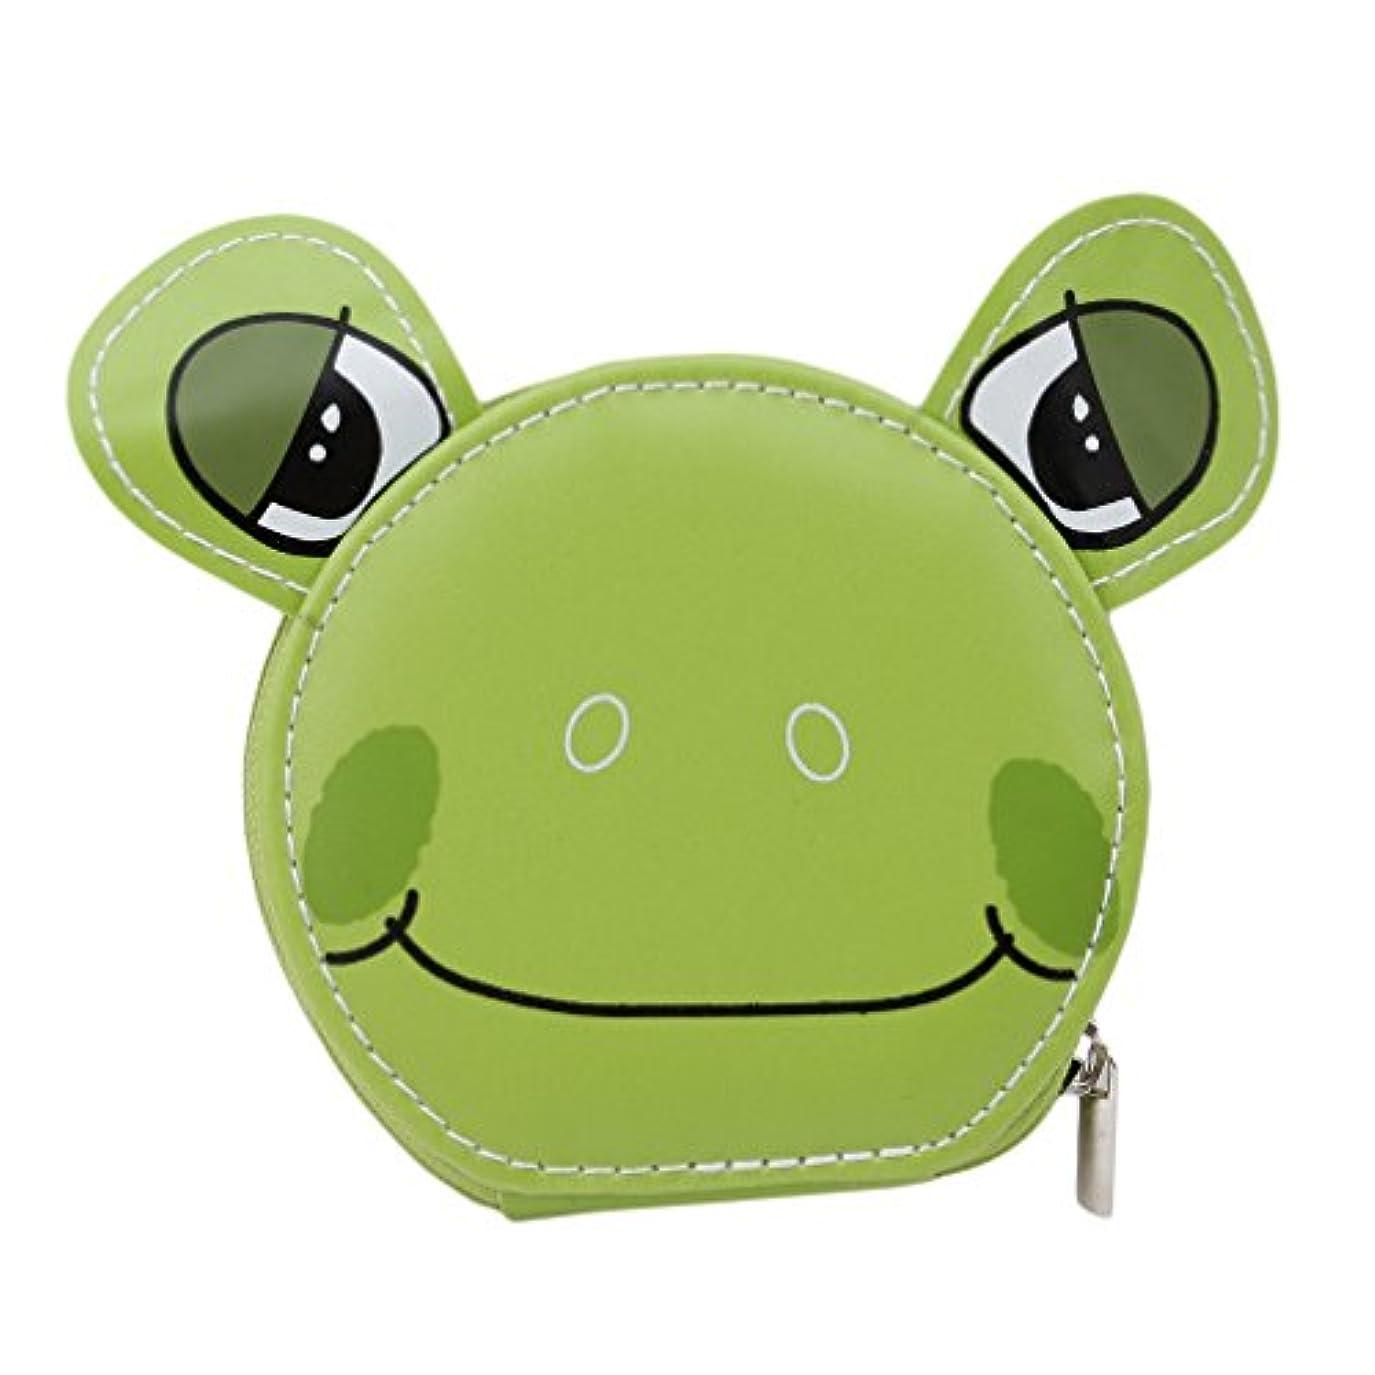 YUEHAO ネイルケア セット 爪切りセット携帯便利のグルーミング キット ステンレス製 つめきり 10点セット かわいい グリーンカエル